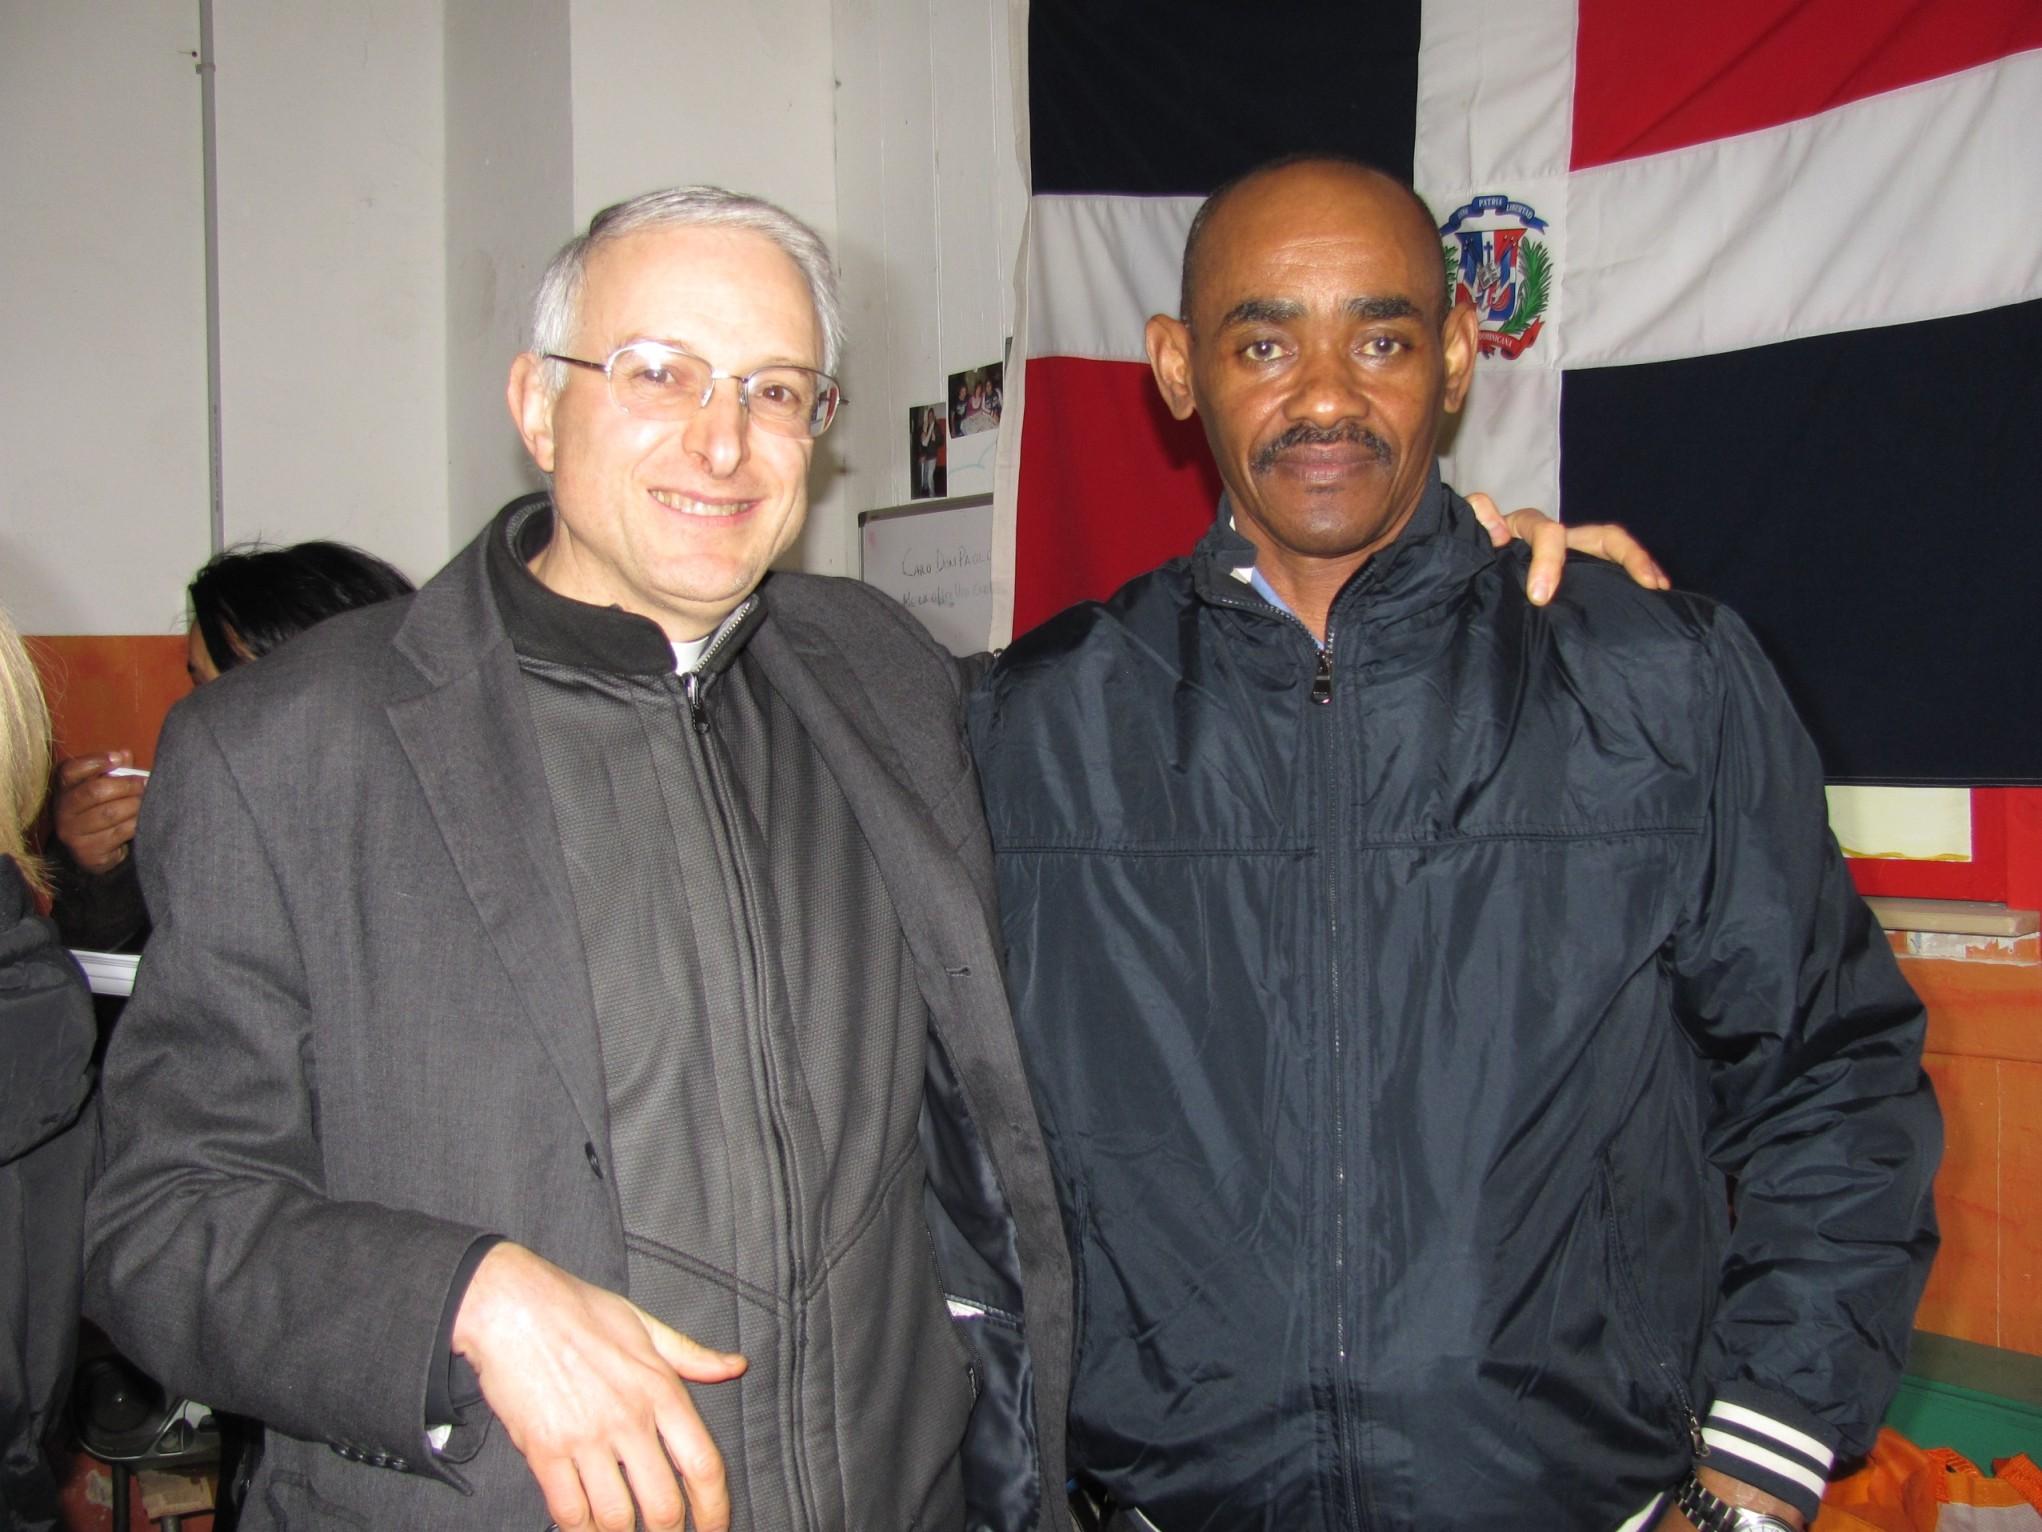 dominicani_indipendenza_2012-02-26-19-19-47